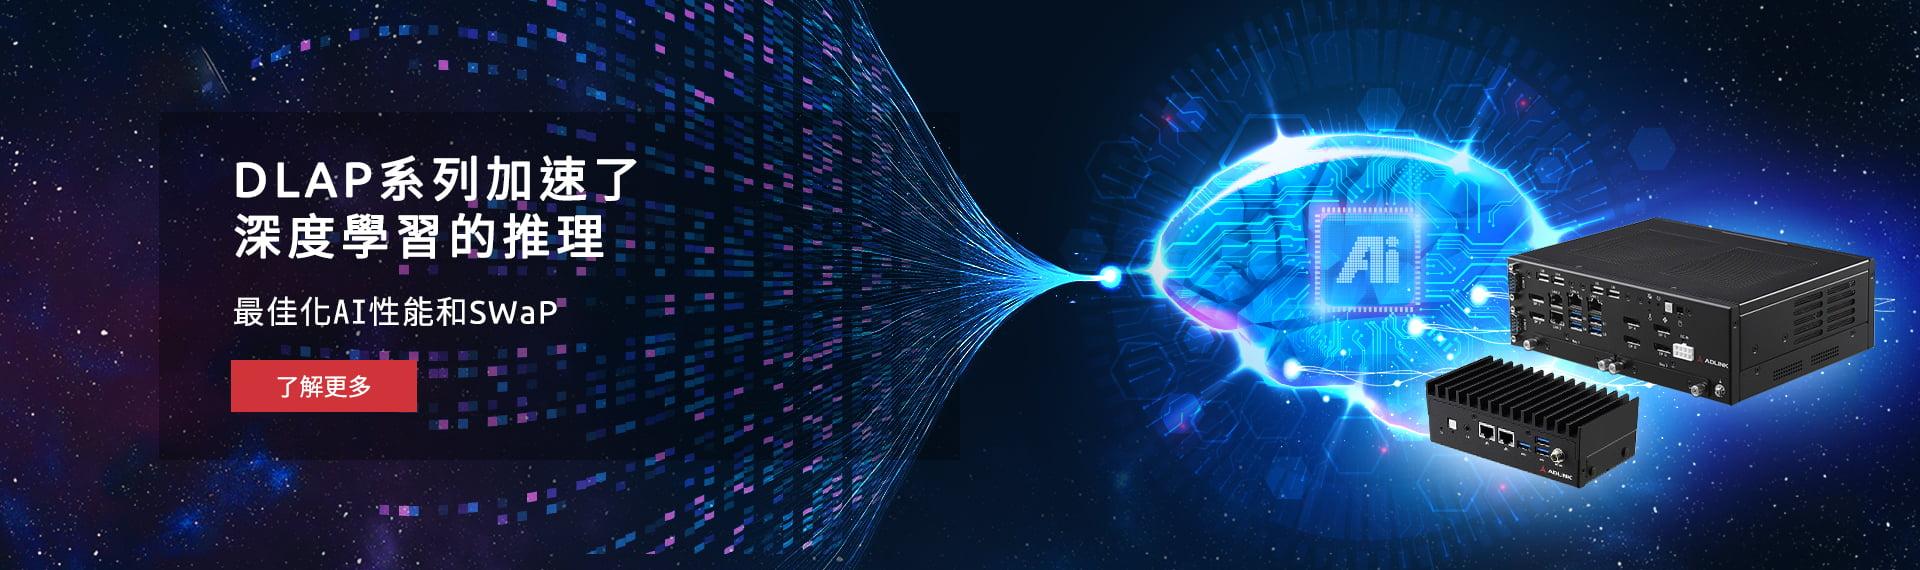 凌華科技致力於以其架構優化的推論平台 DLAP,提供邊緣運算的人工智慧應用。